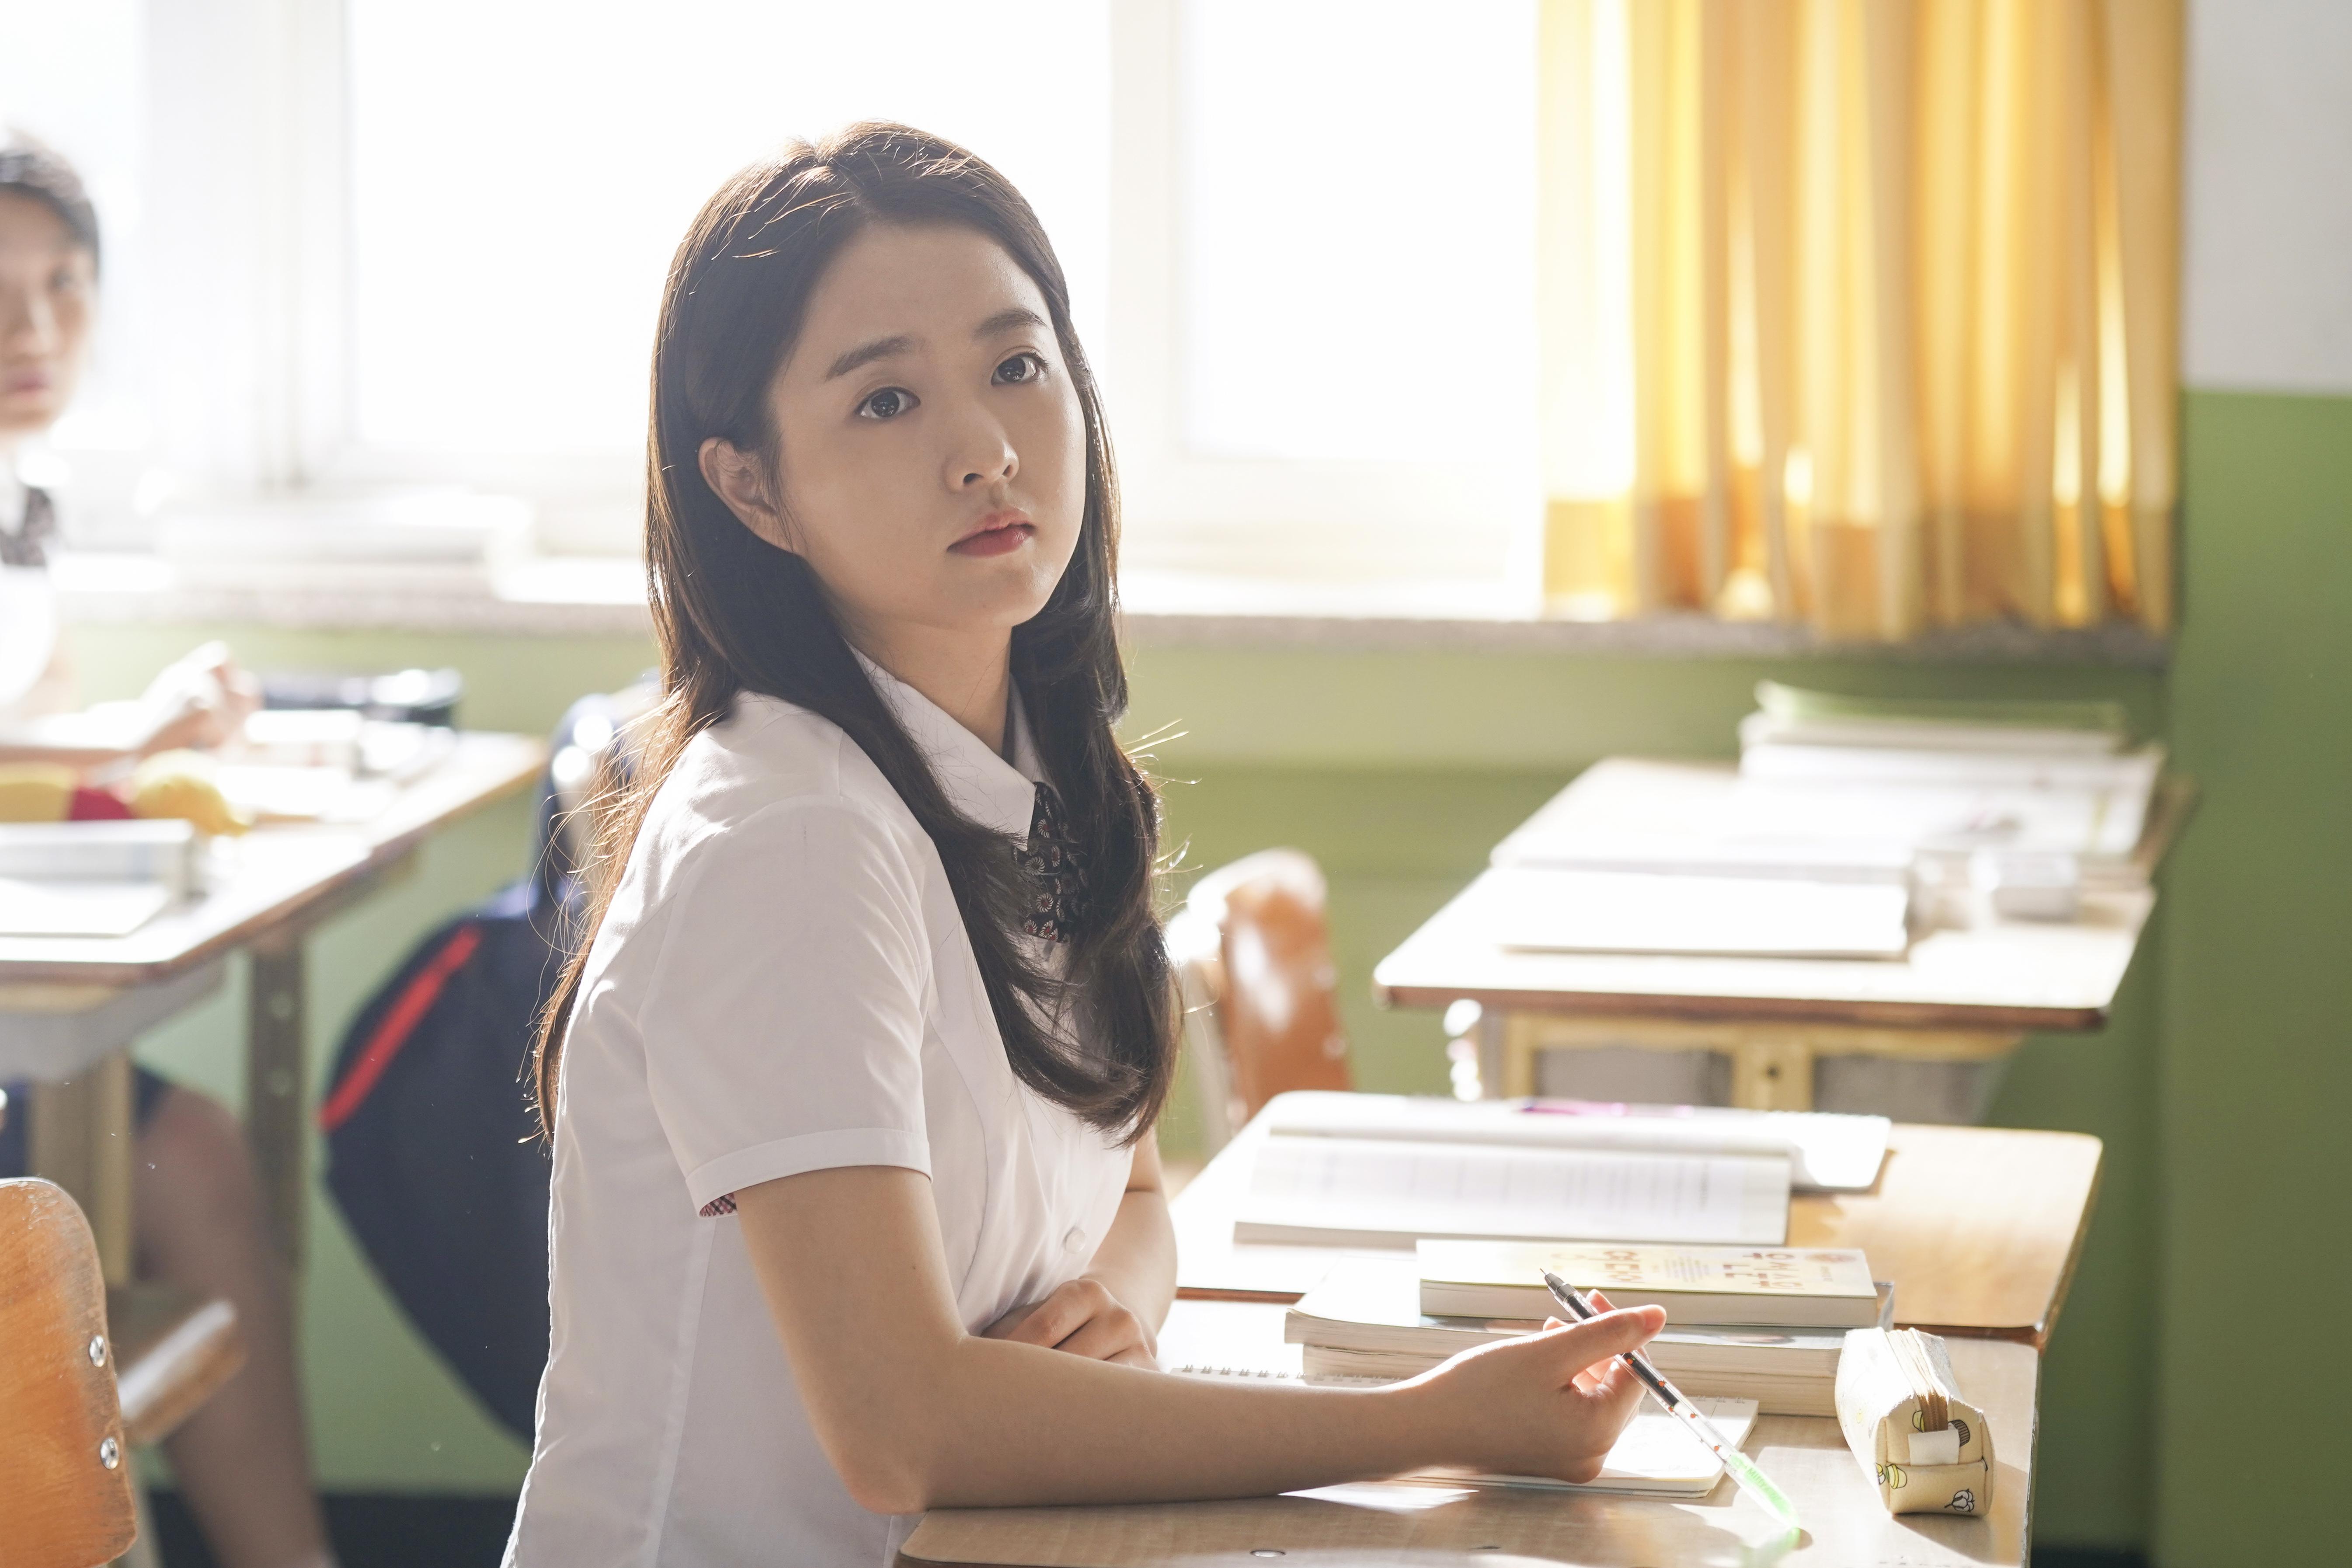 '너의 결혼식' 믿고 보는 로맨스 퀸 박보영, 리얼 첫사랑으로 돌아왔다!